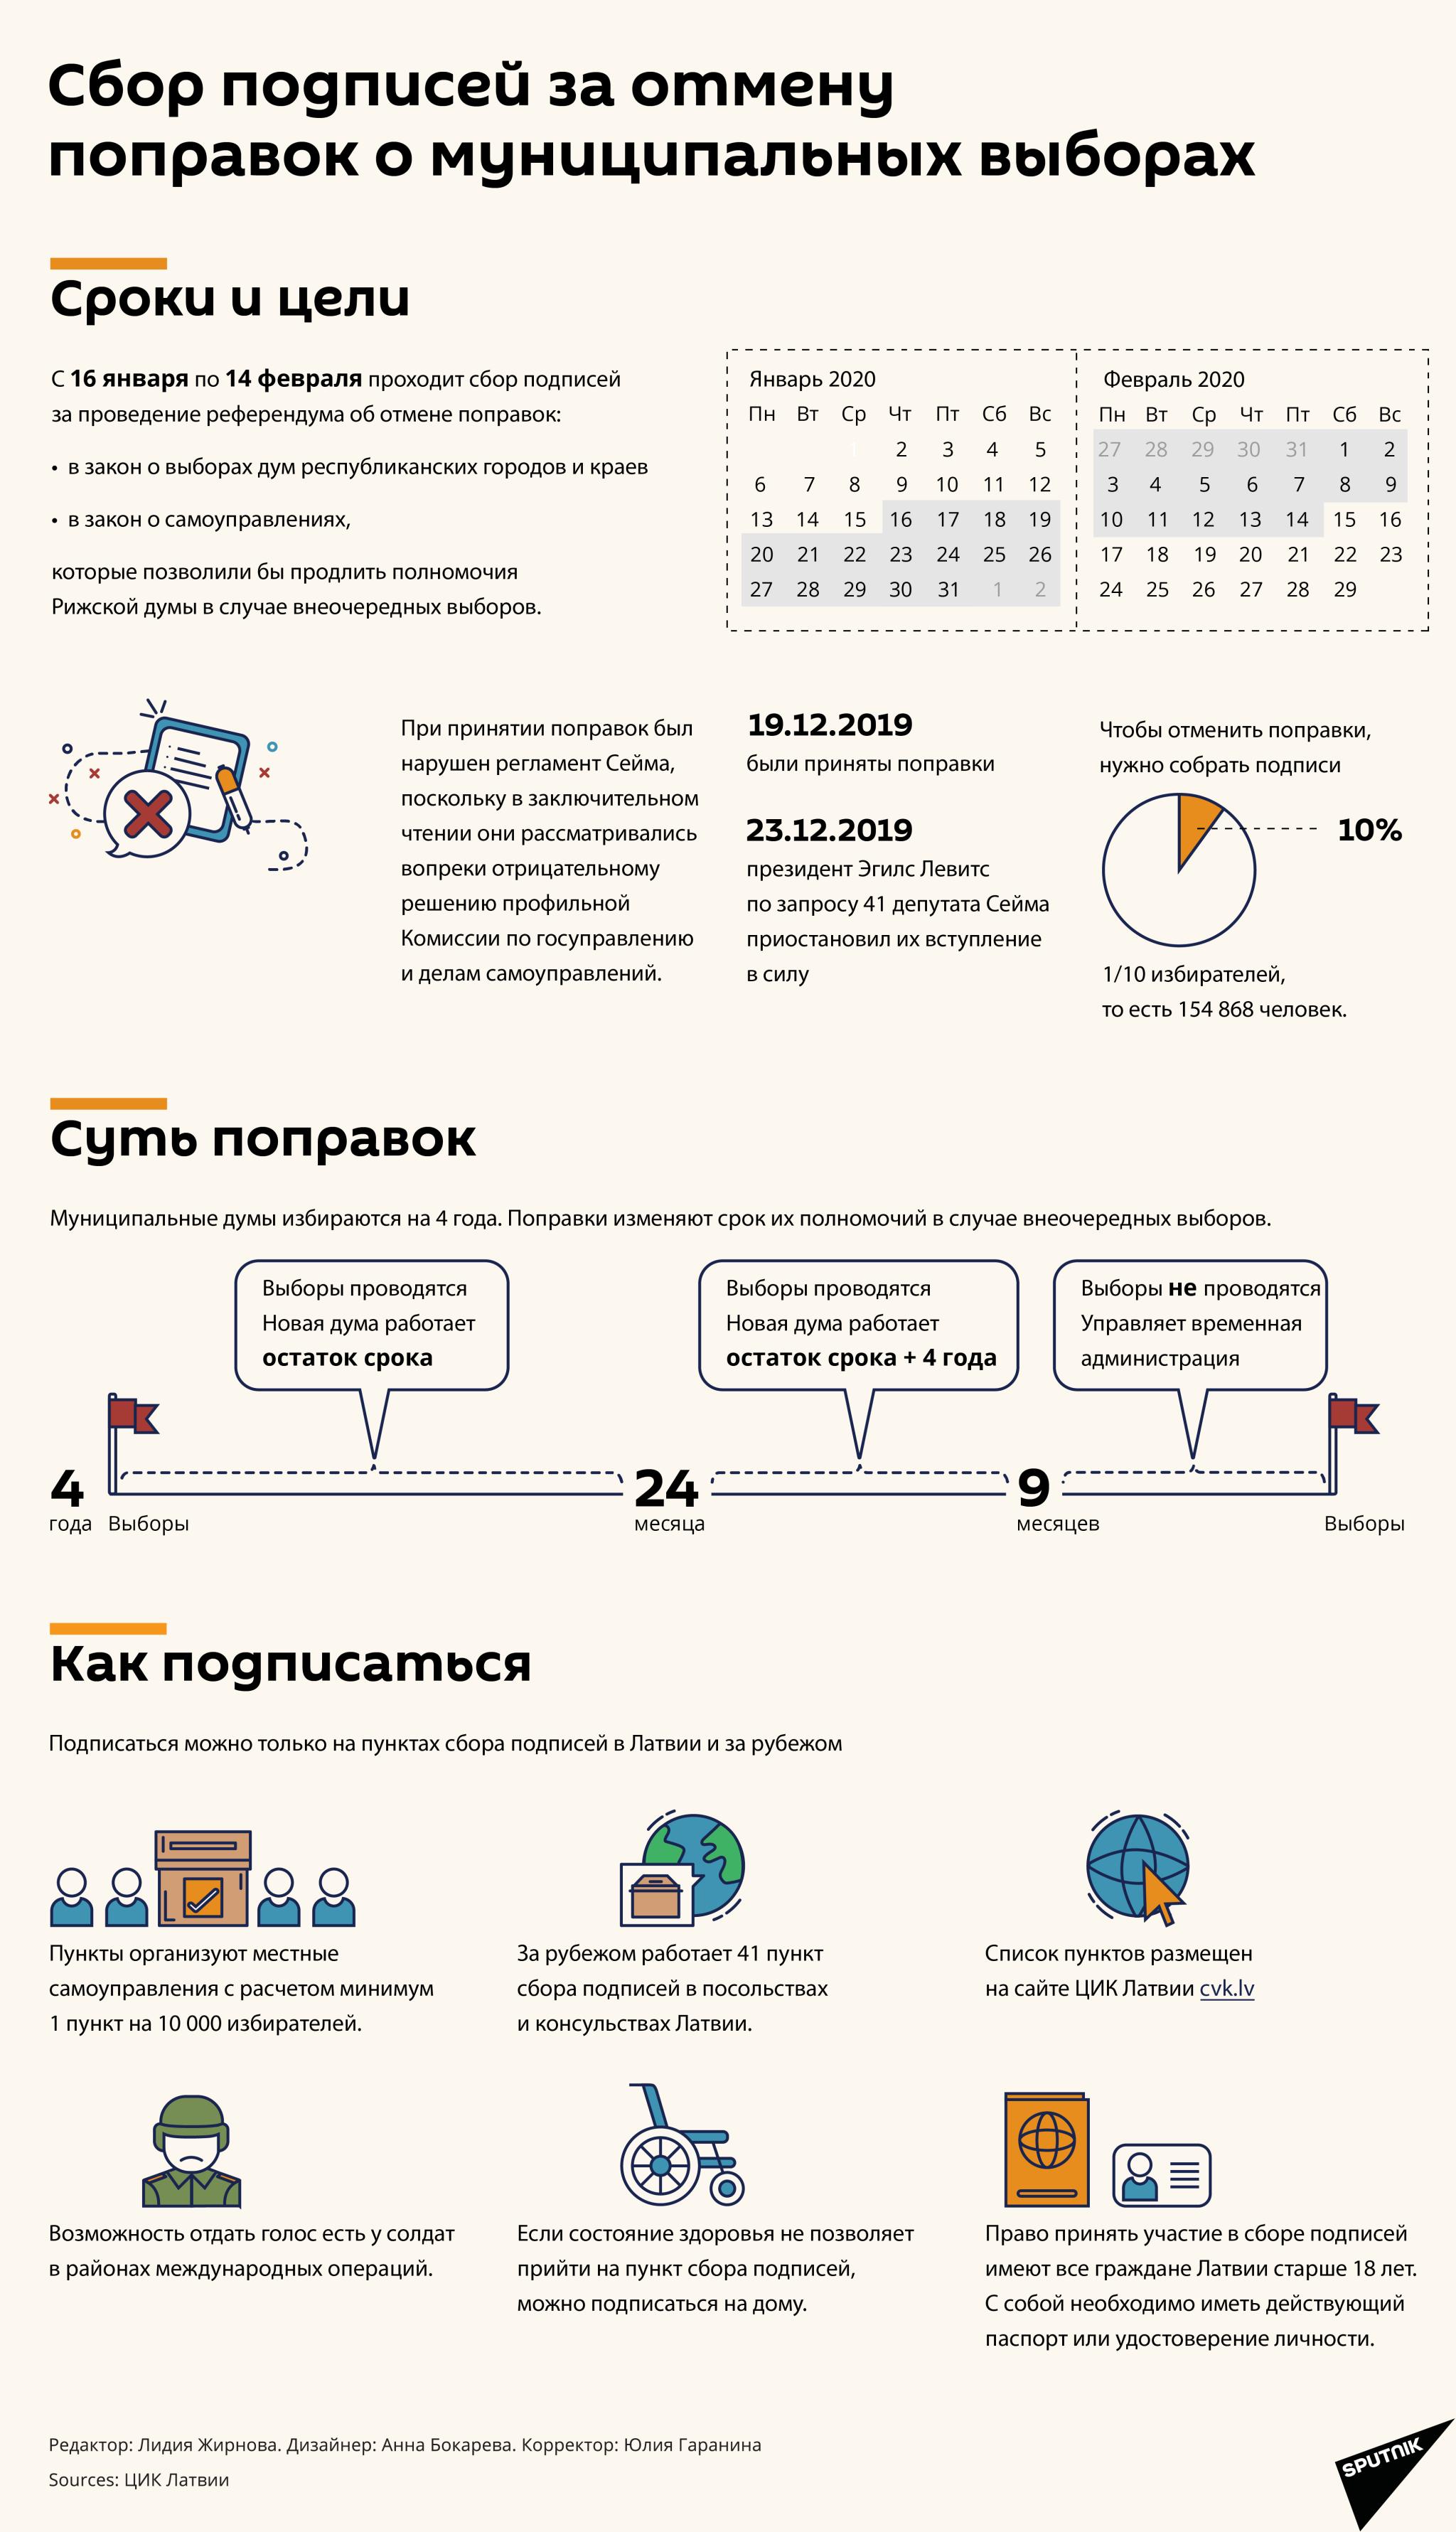 Сбор подписей за отмену поправок о муниципальных выборах - Sputnik Латвия